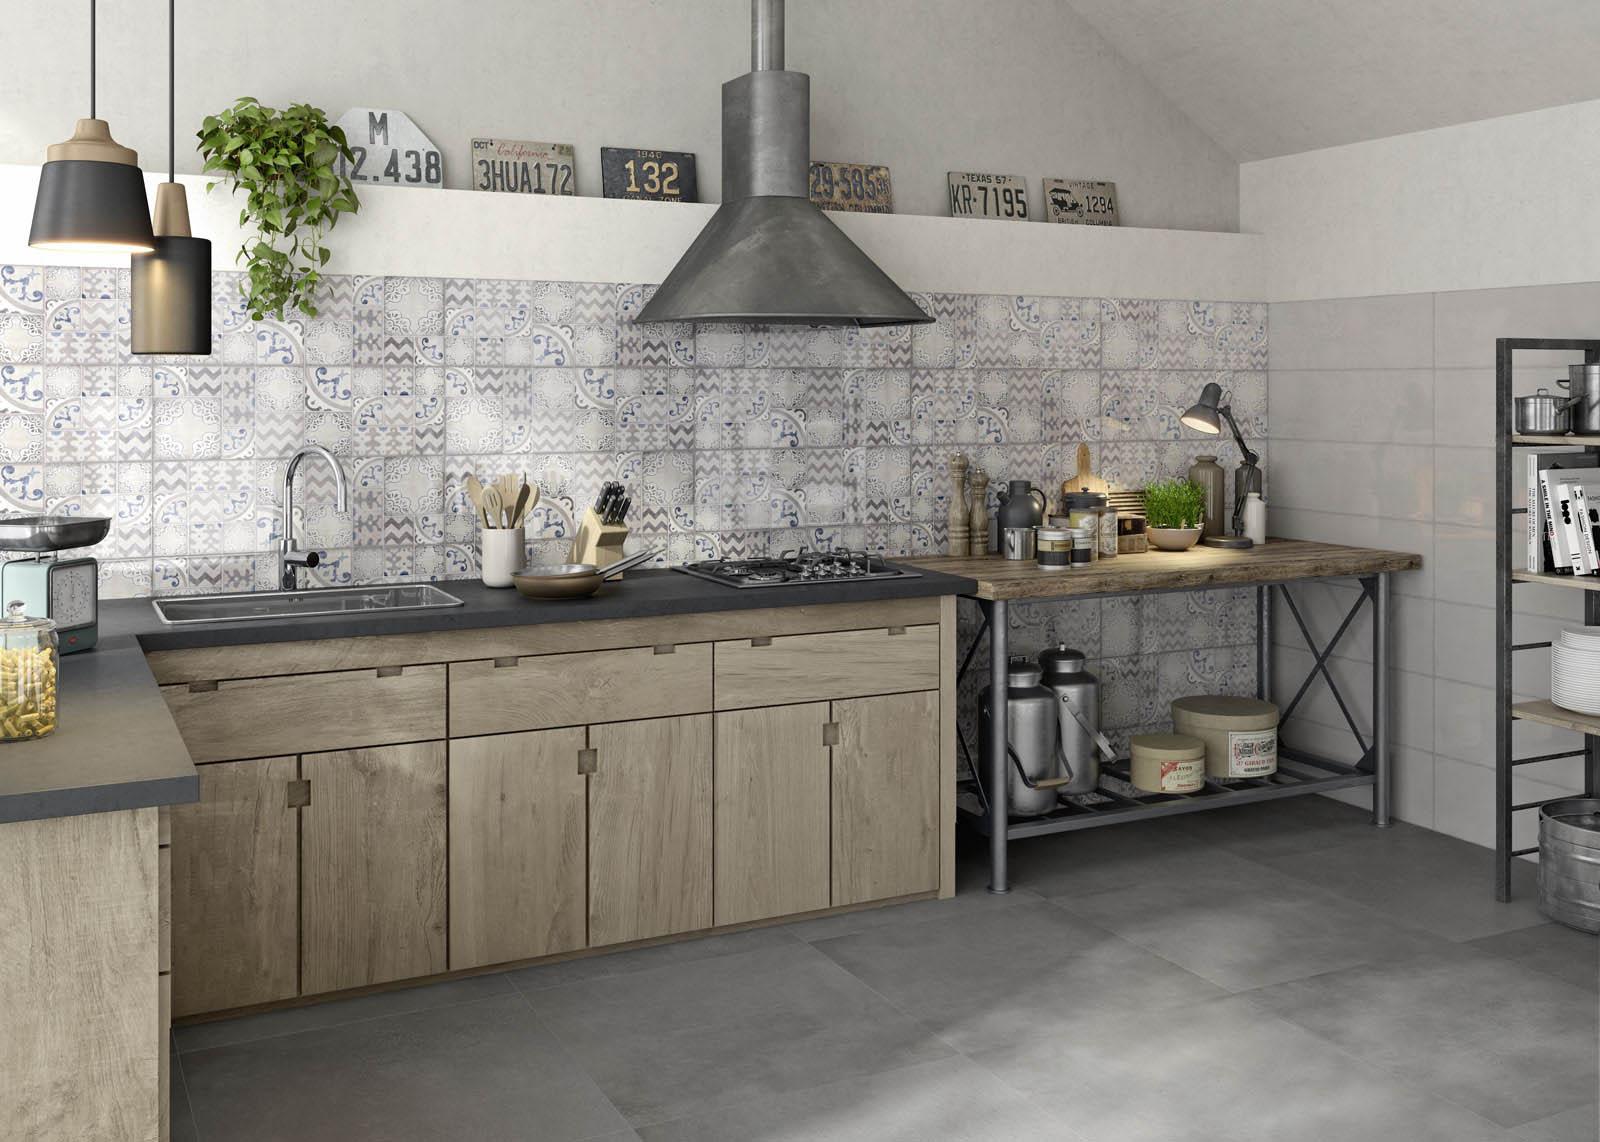 Pottery piastrelle da rivestimento lucide marazzi for Piastrelle parete cucina